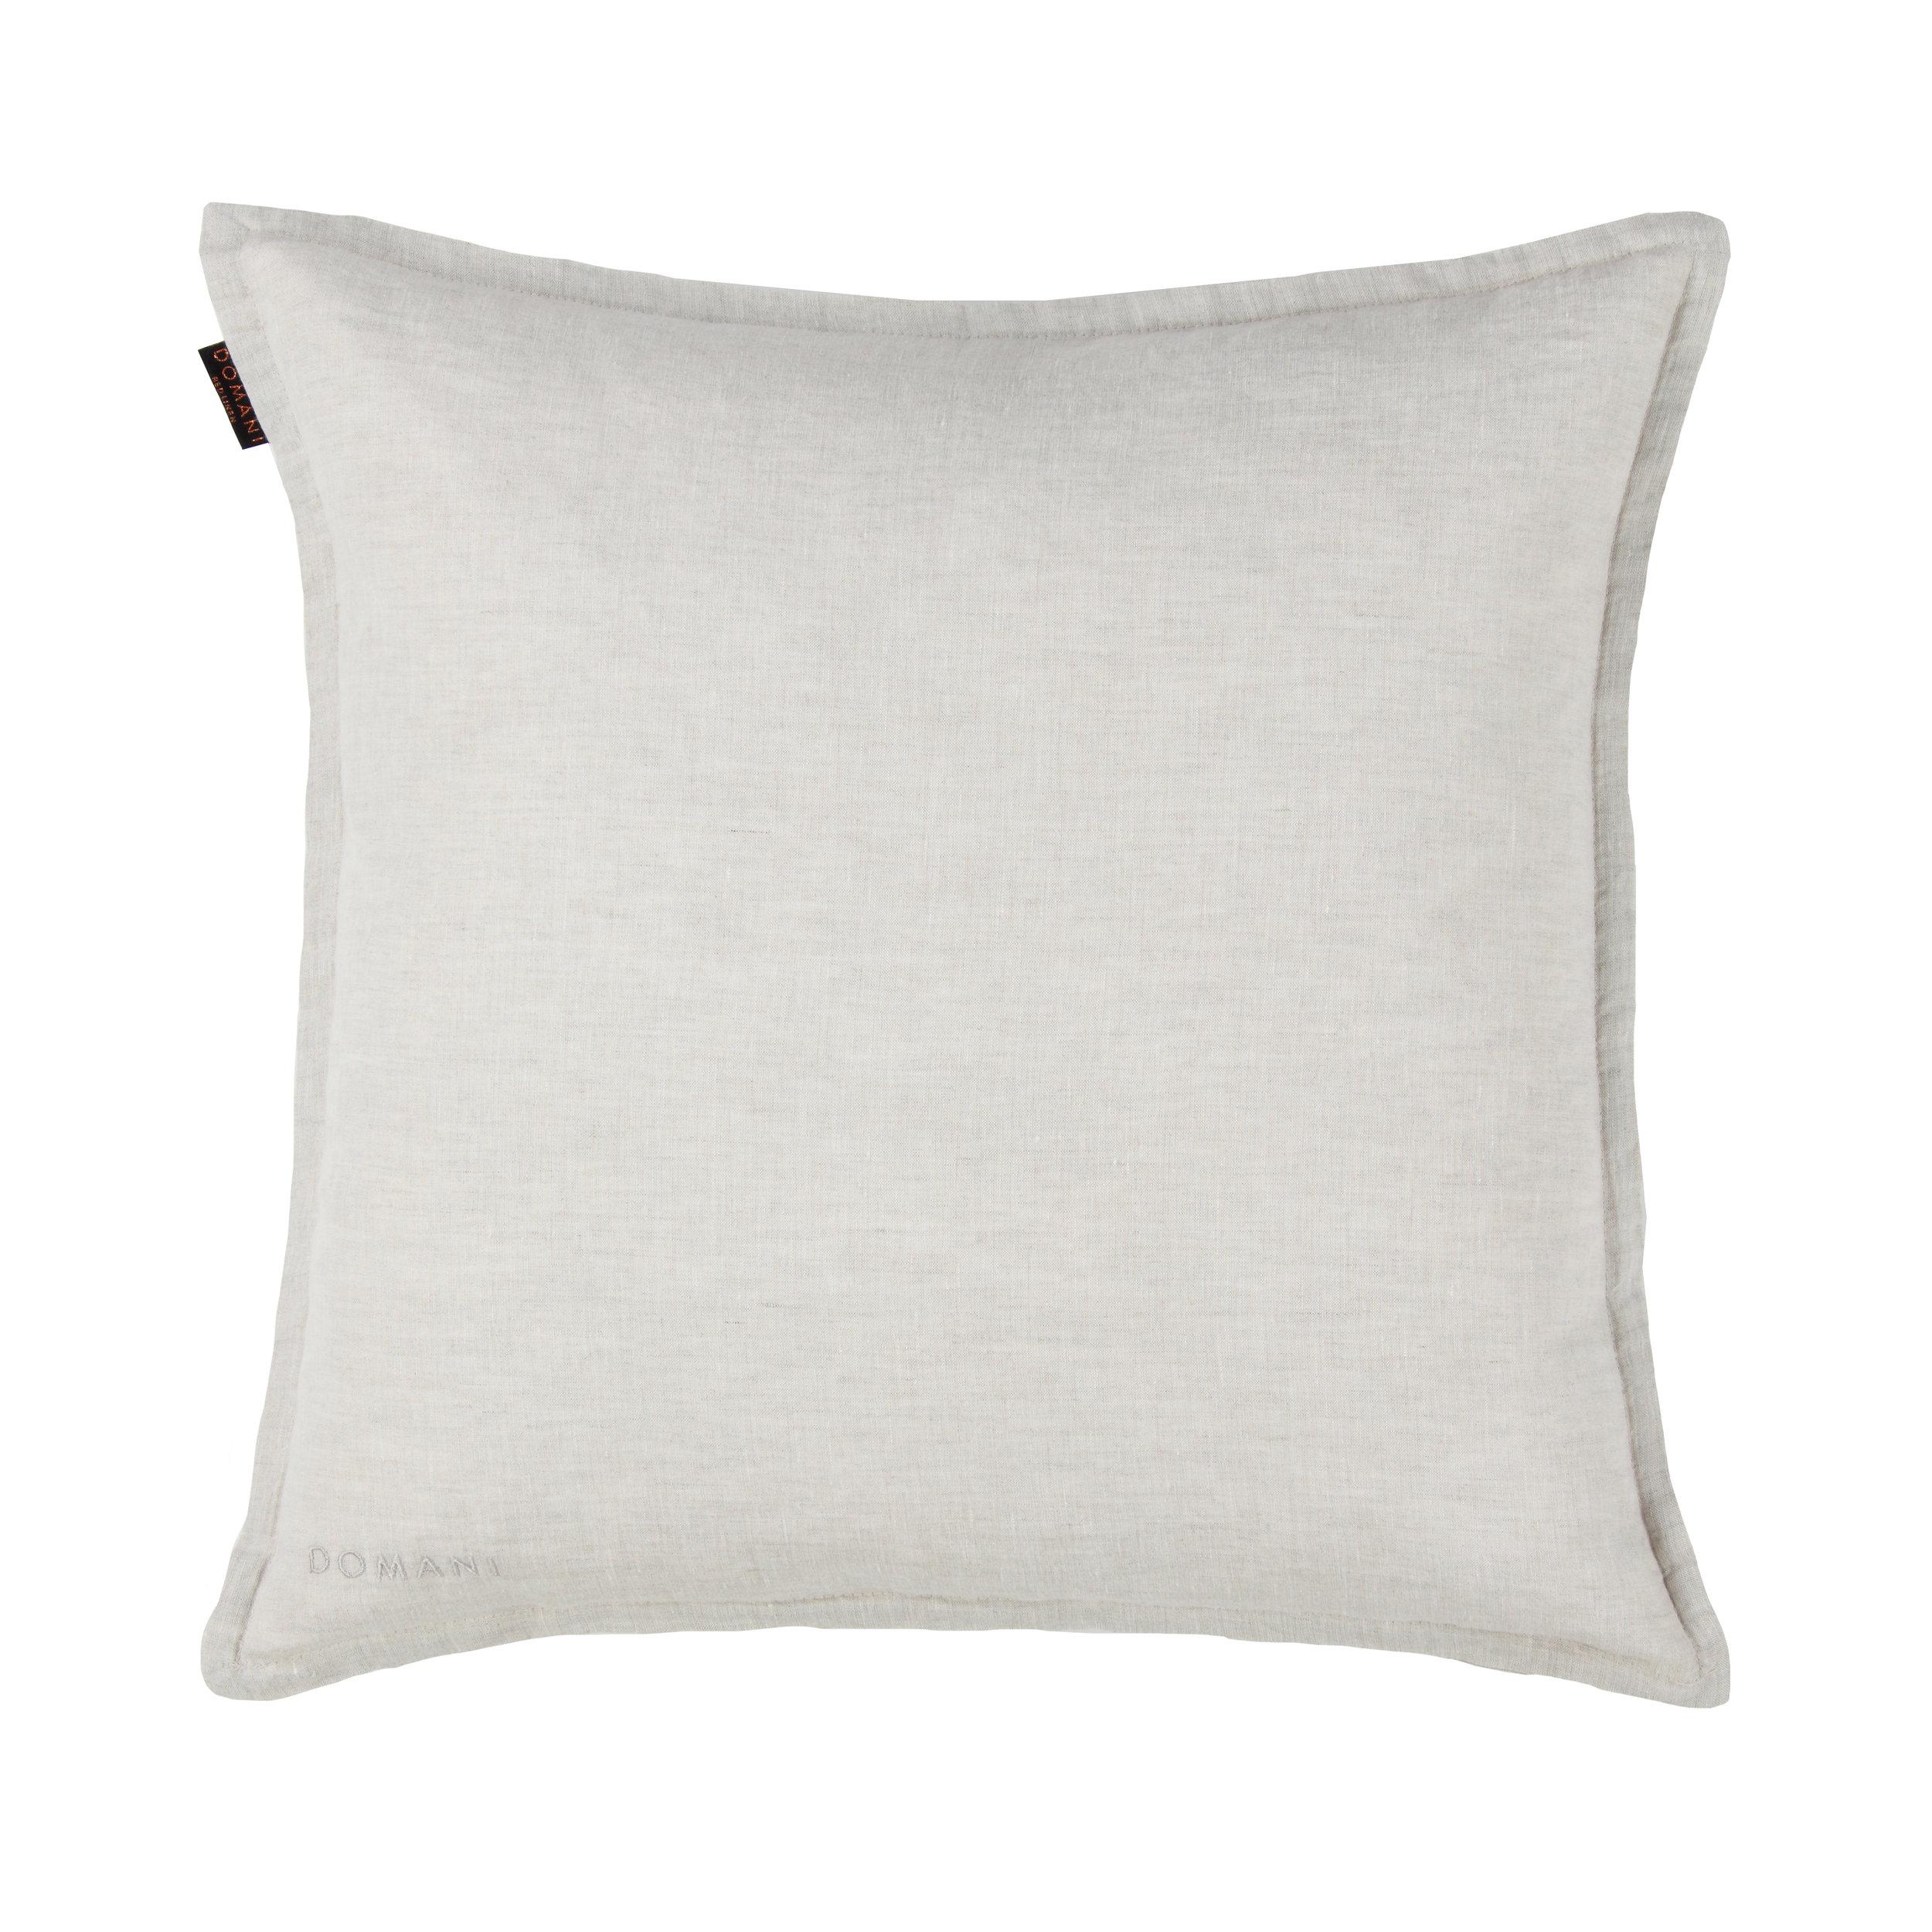 Domani Toscana Cushion Linen.JPG